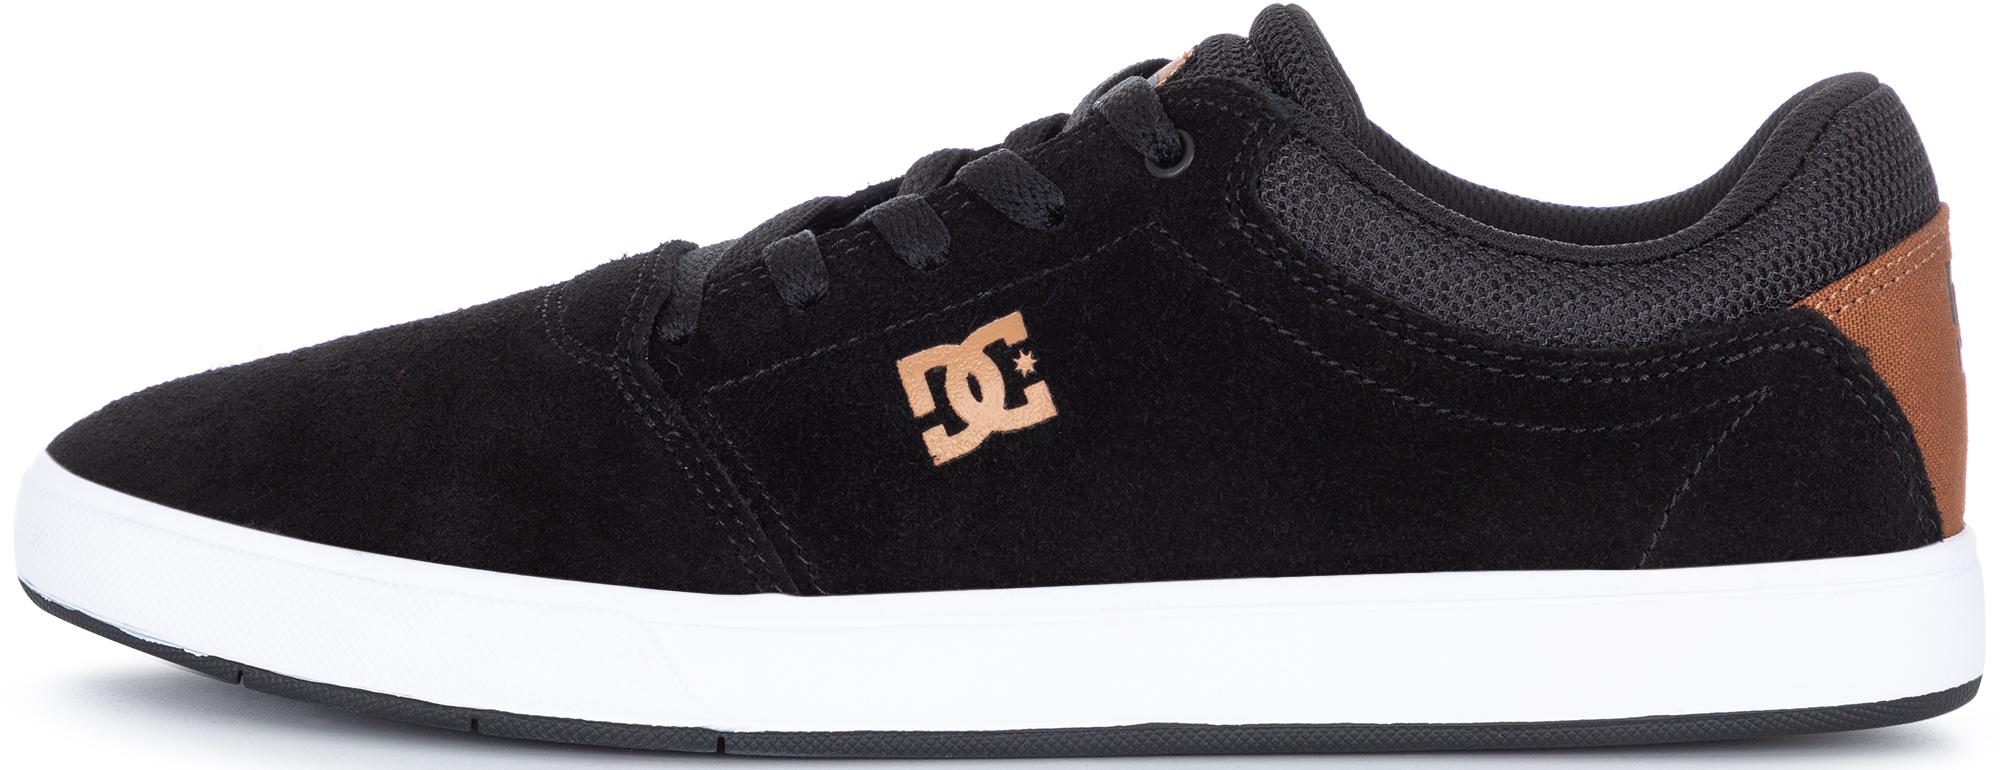 цены DC Shoes Кеды мужские DC SHOES Crisis, размер 44